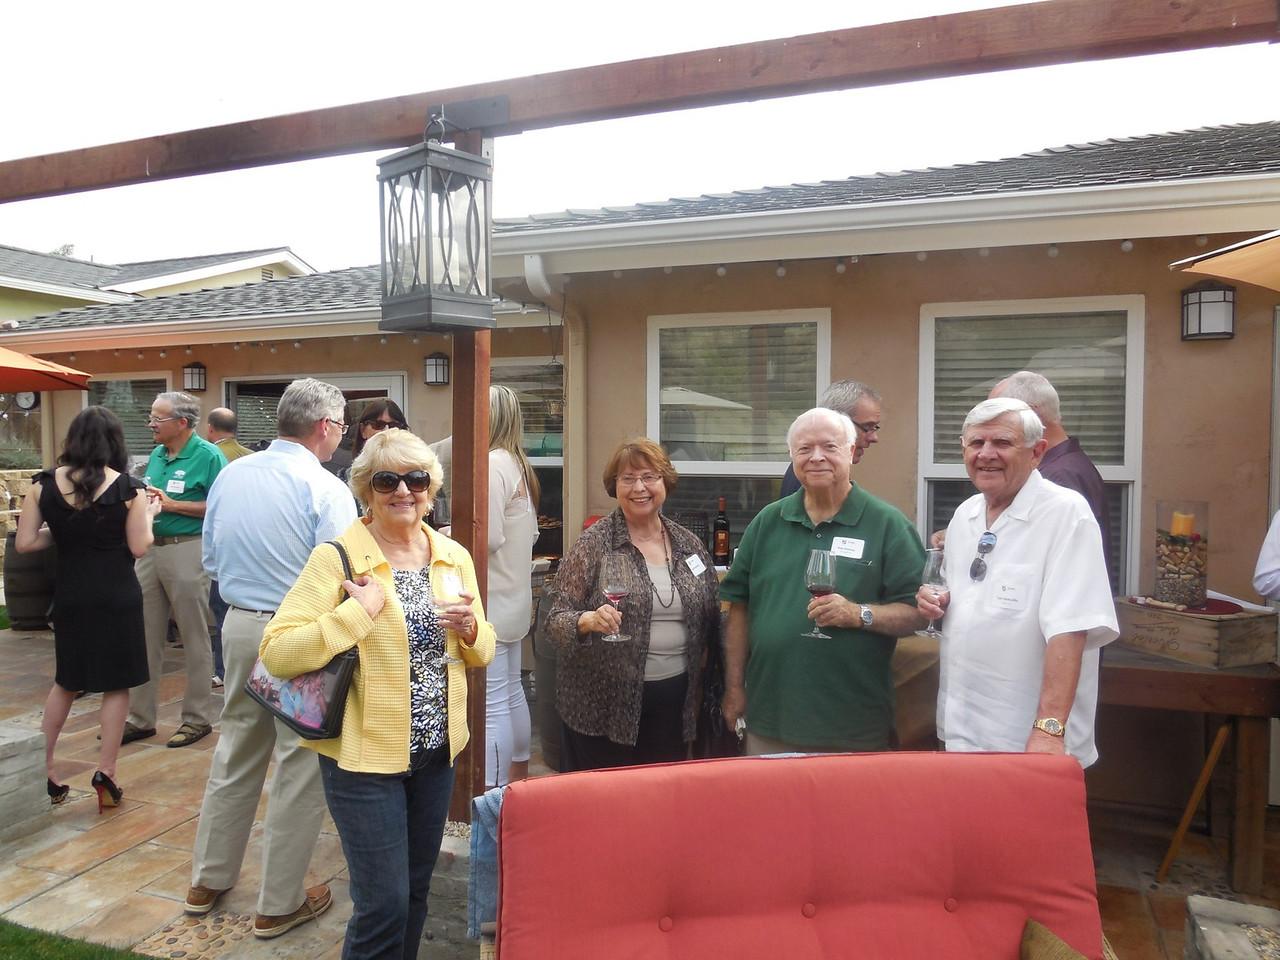 Carol Domville, Sandy Homicz, Ray Homicz (Mich. '59) and Tom Domville (Kansas '59).